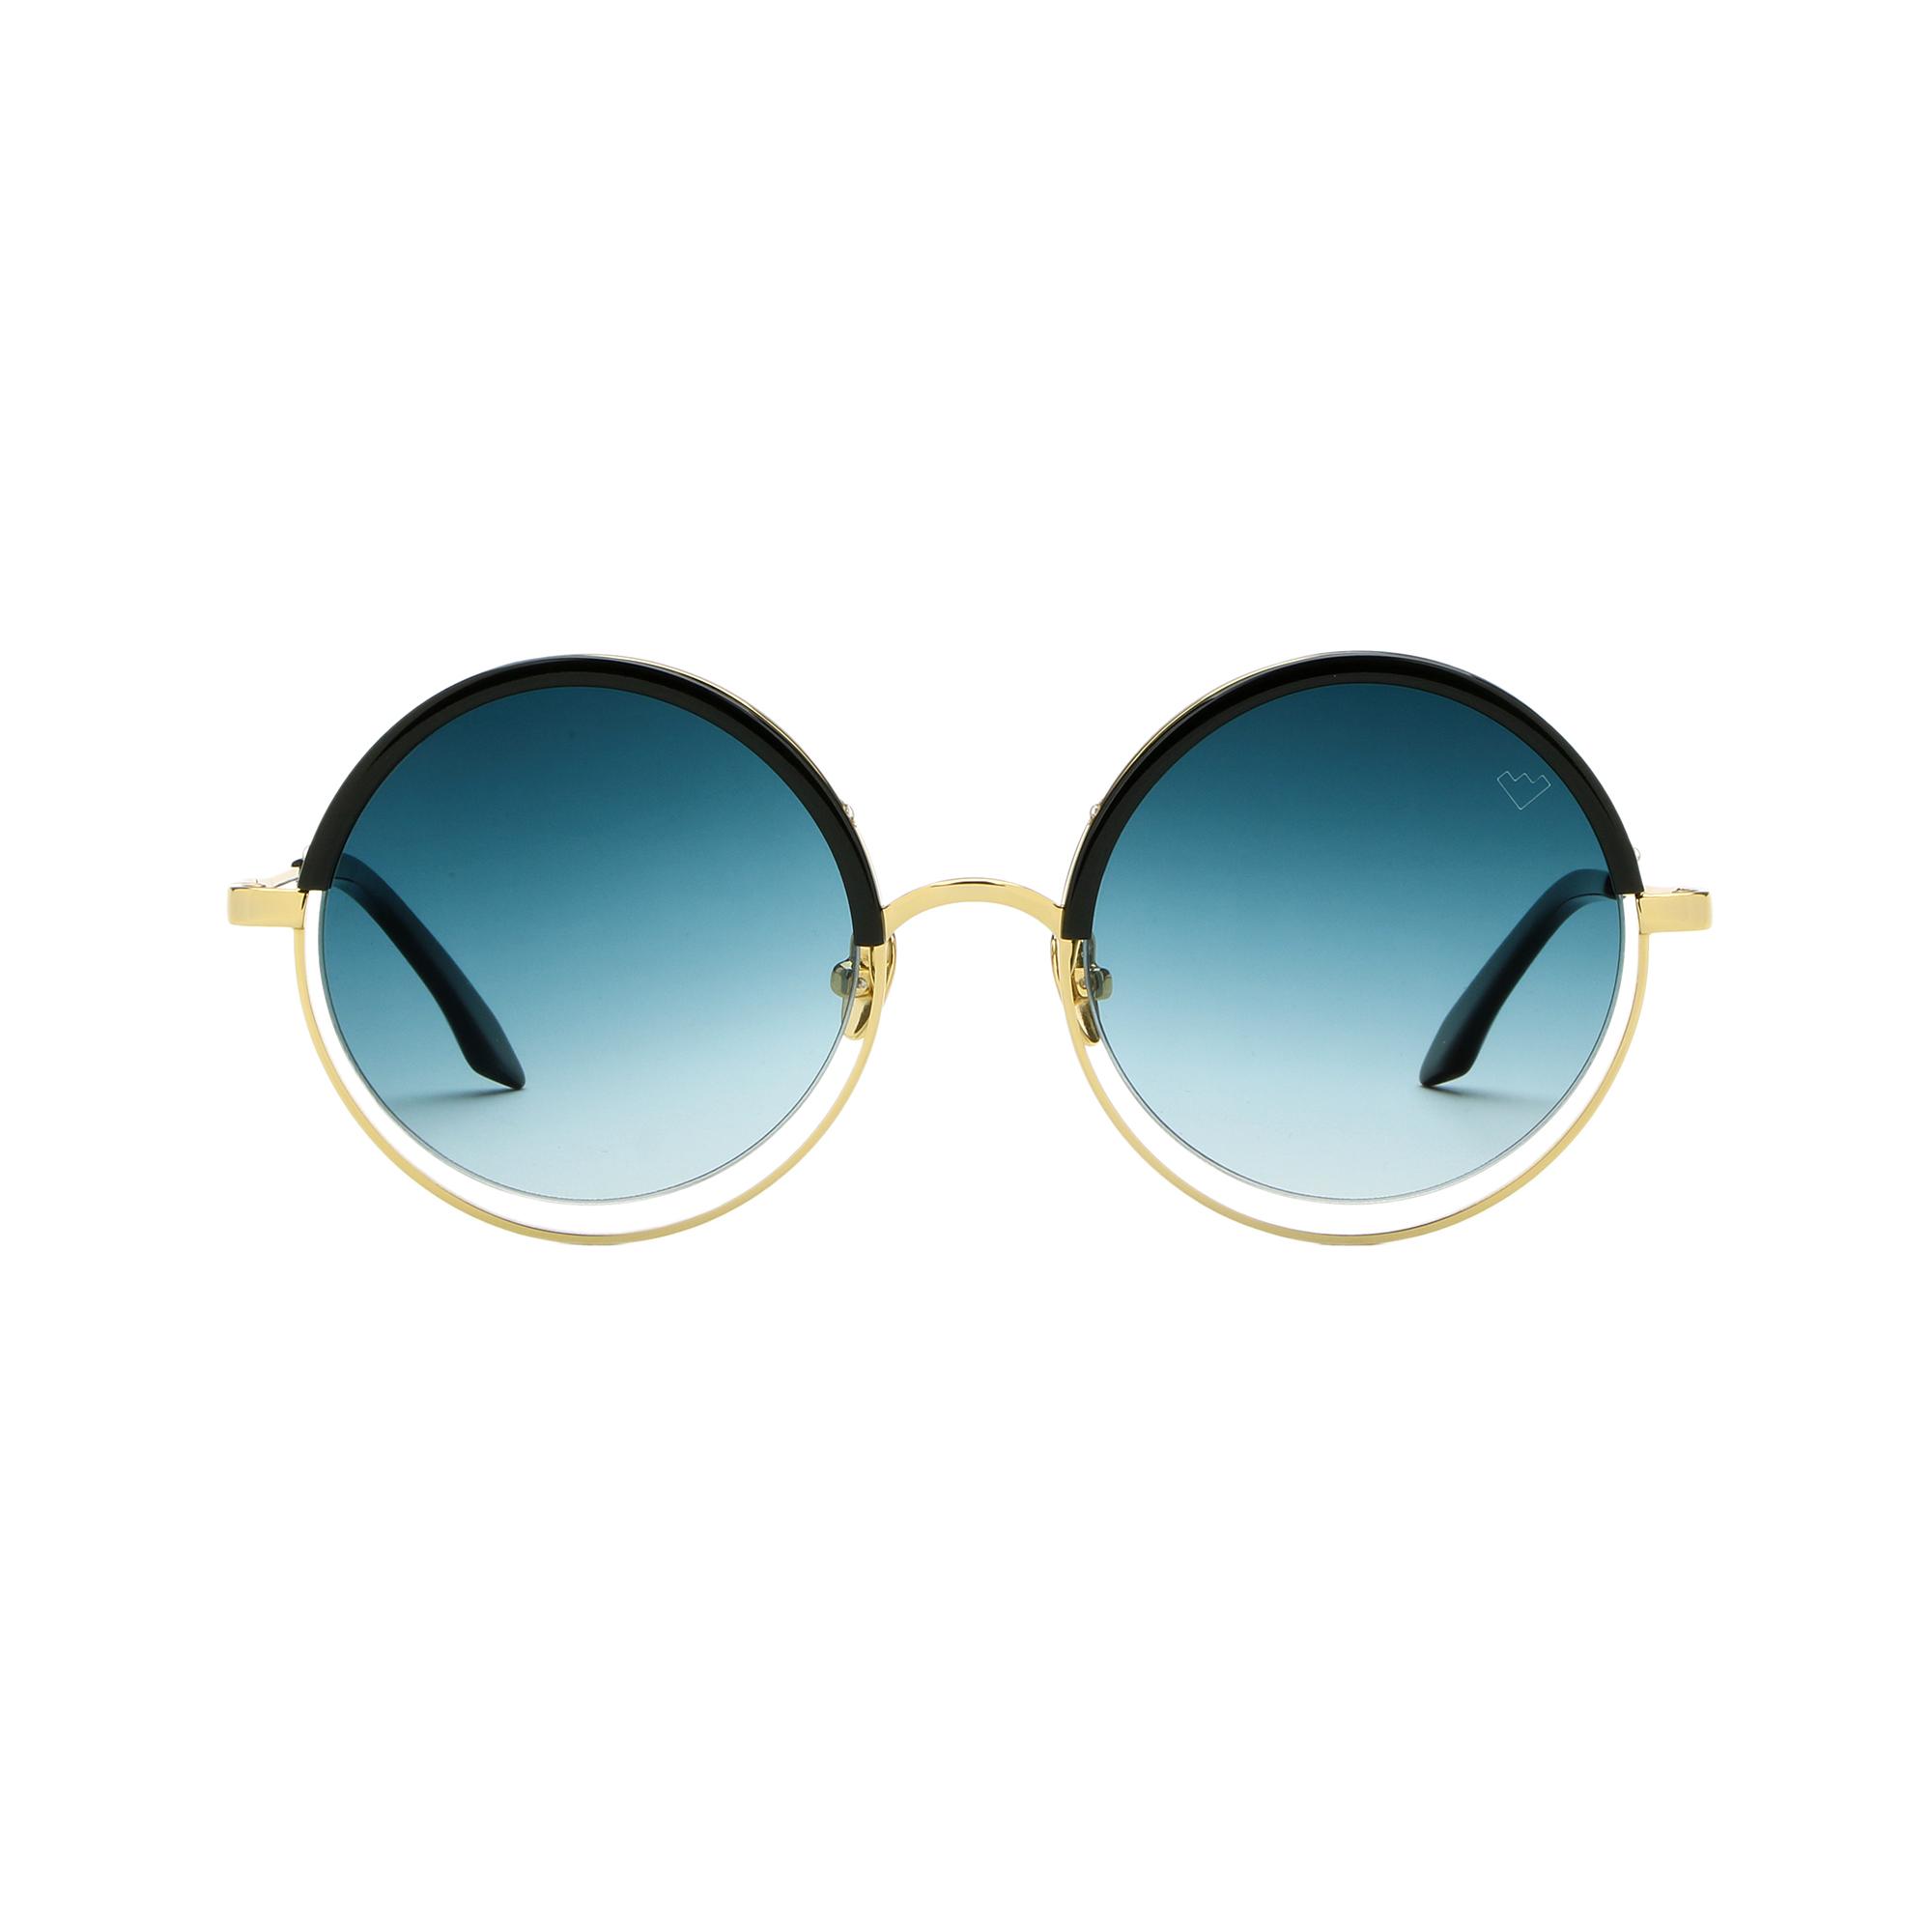 Pitti Uomo Gennaio 2019 Spektre Sunglasses